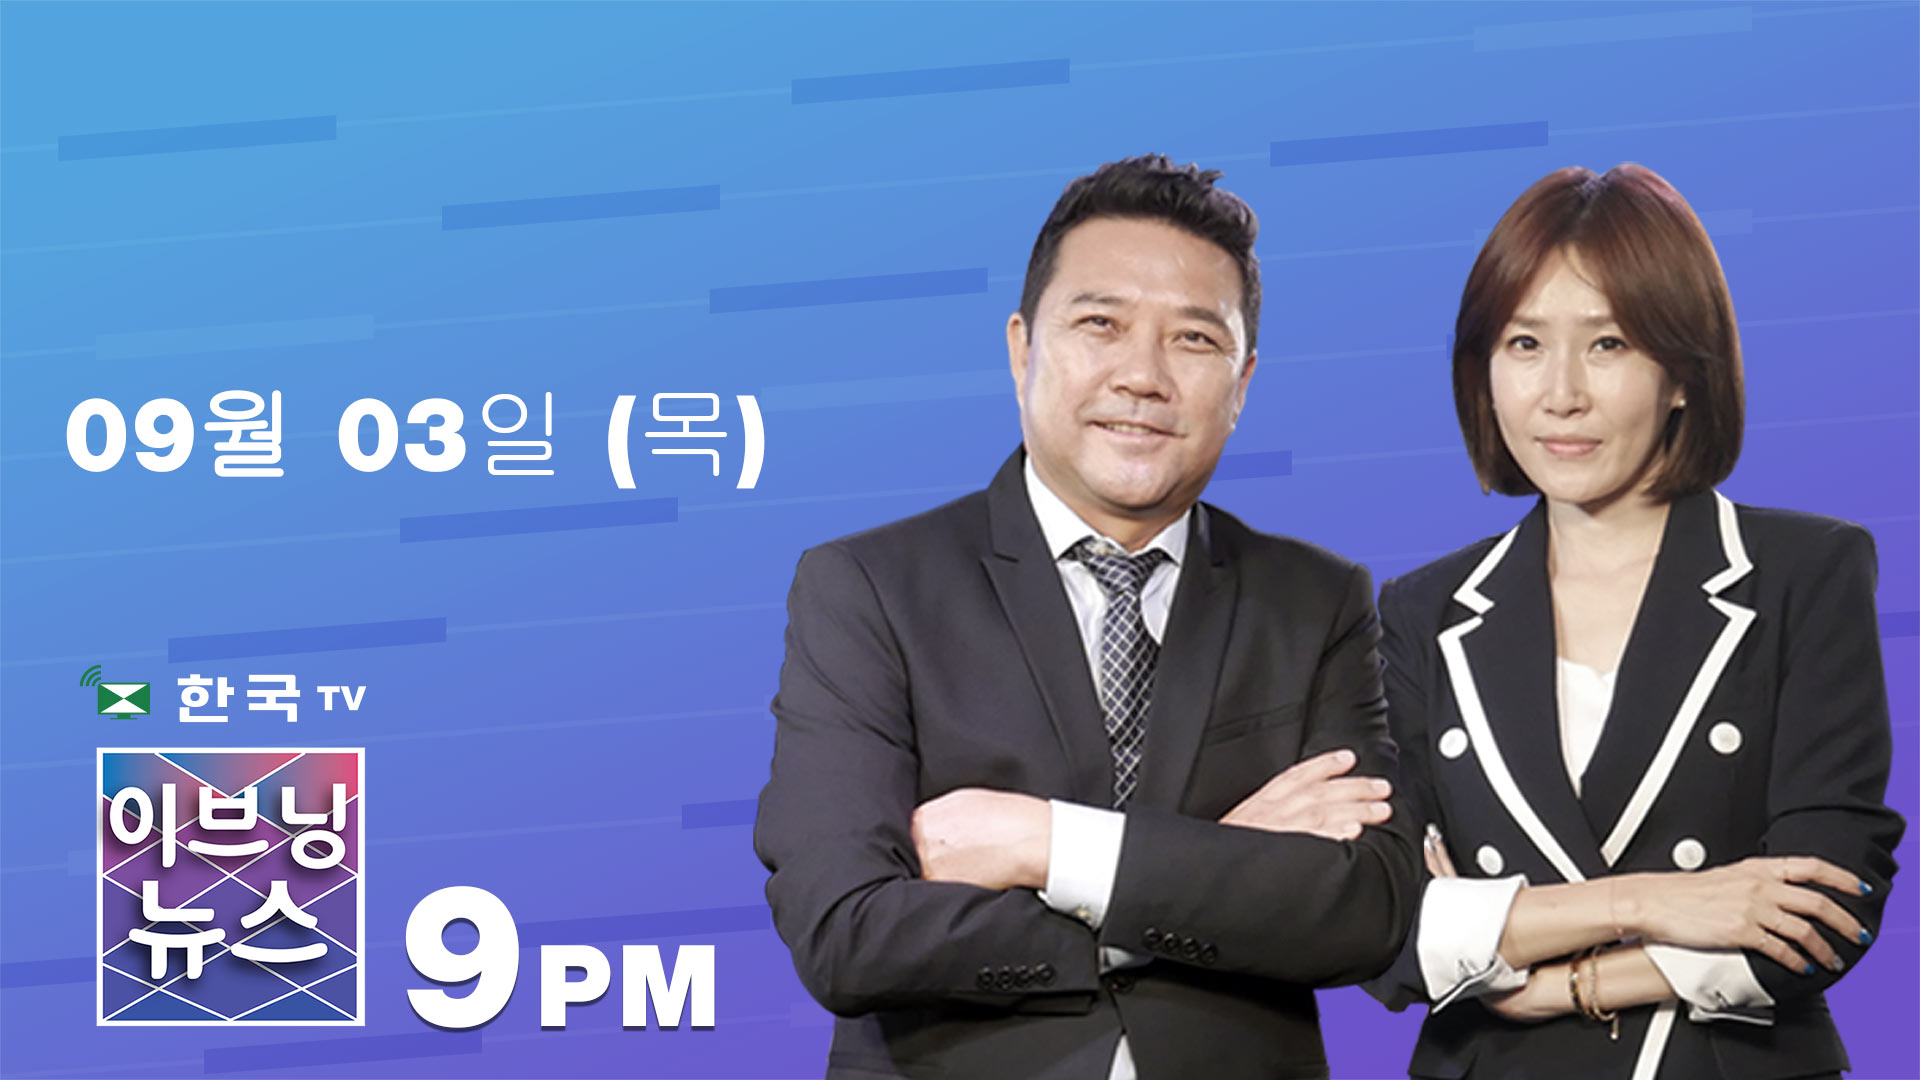 (09.03.2020) 한국TV 이브닝 뉴스